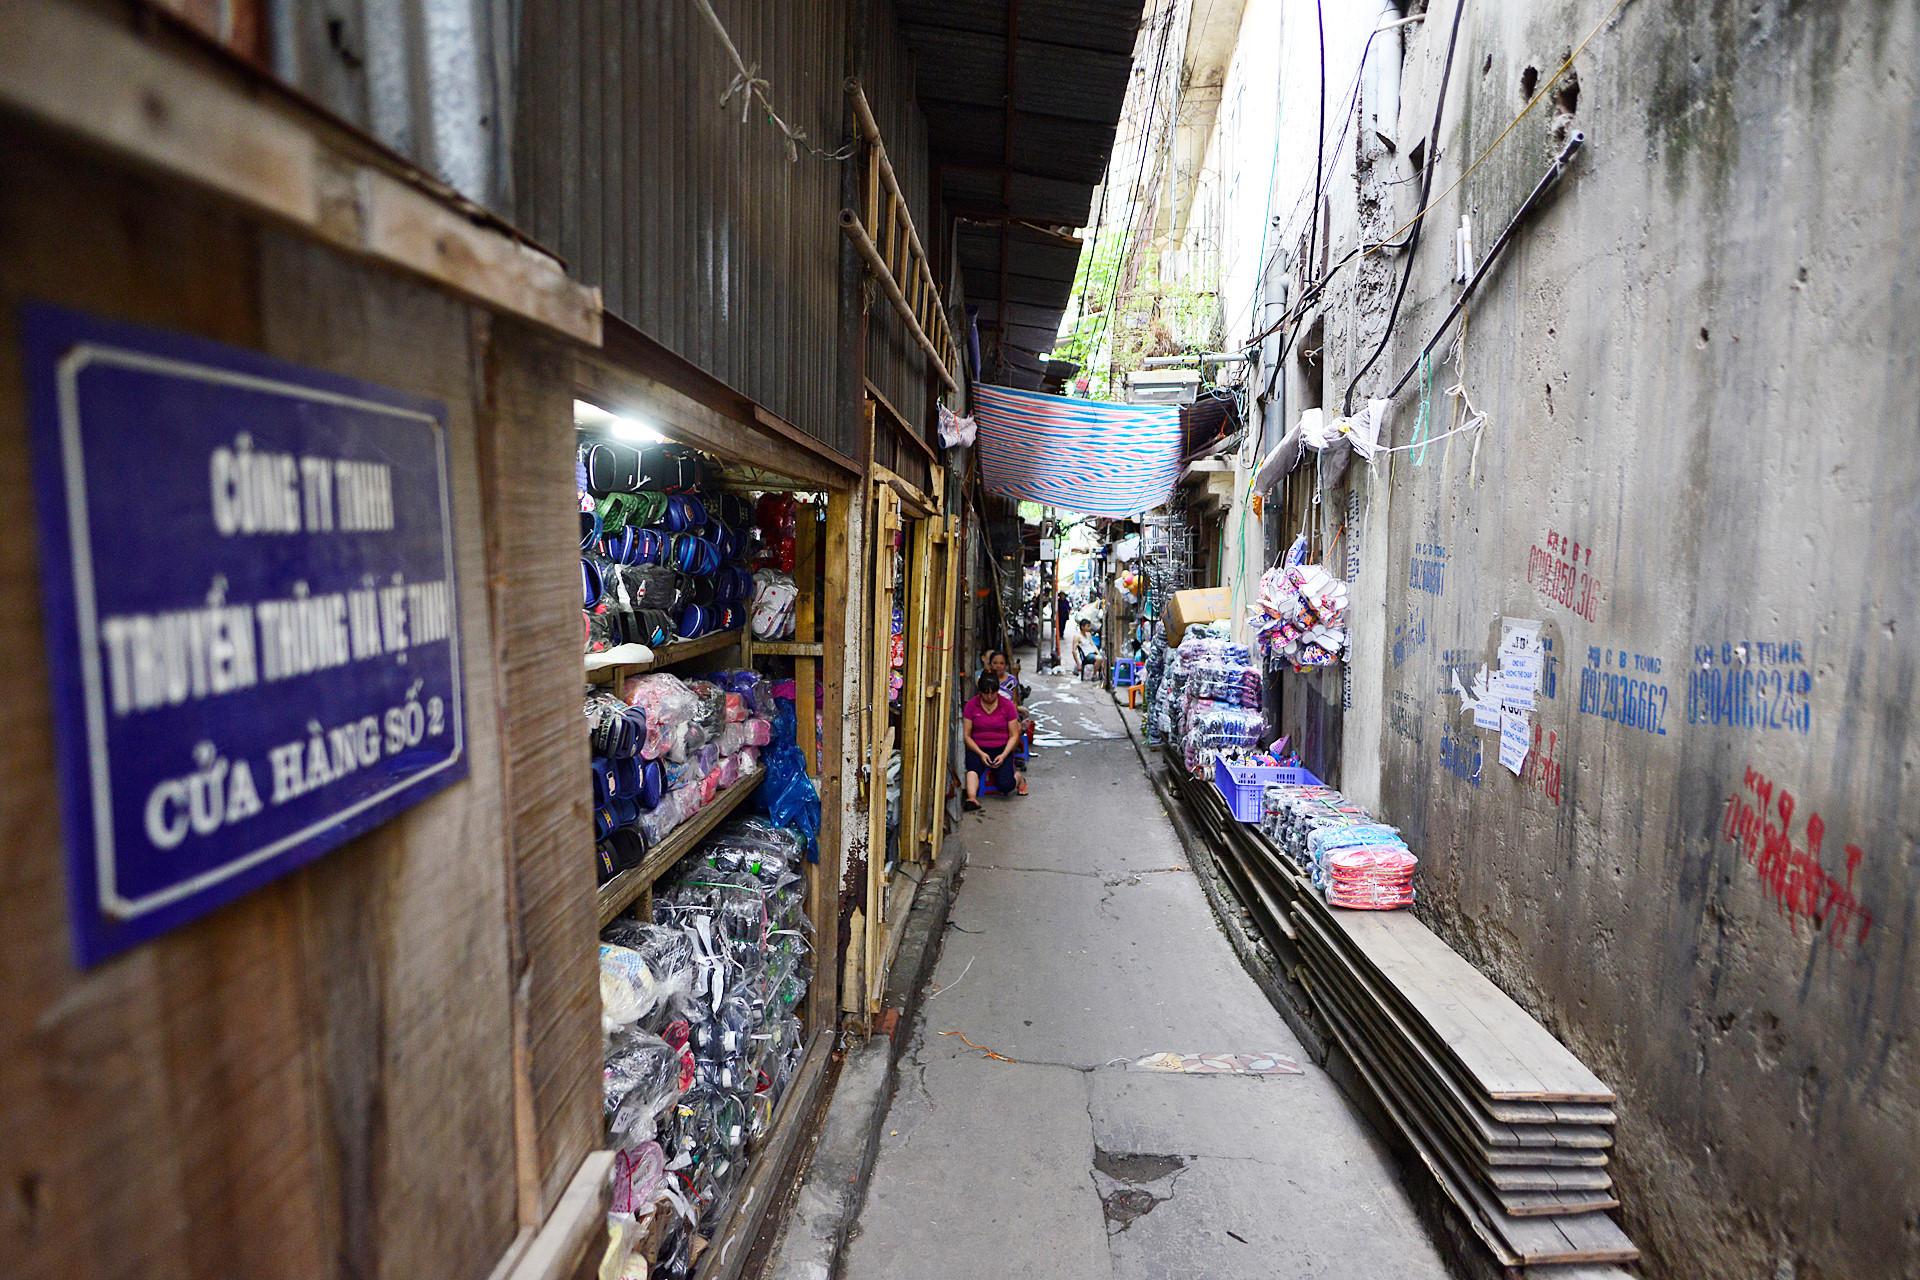 Nhiều mặt hàng được buôn bán dọc phố này như quần áo, giày dép, thực phẩm... Trước đây 131 vòm cầu được thông nhau, nhưng do mất tan toàn trật tự nên Hà Nội cho bịt.